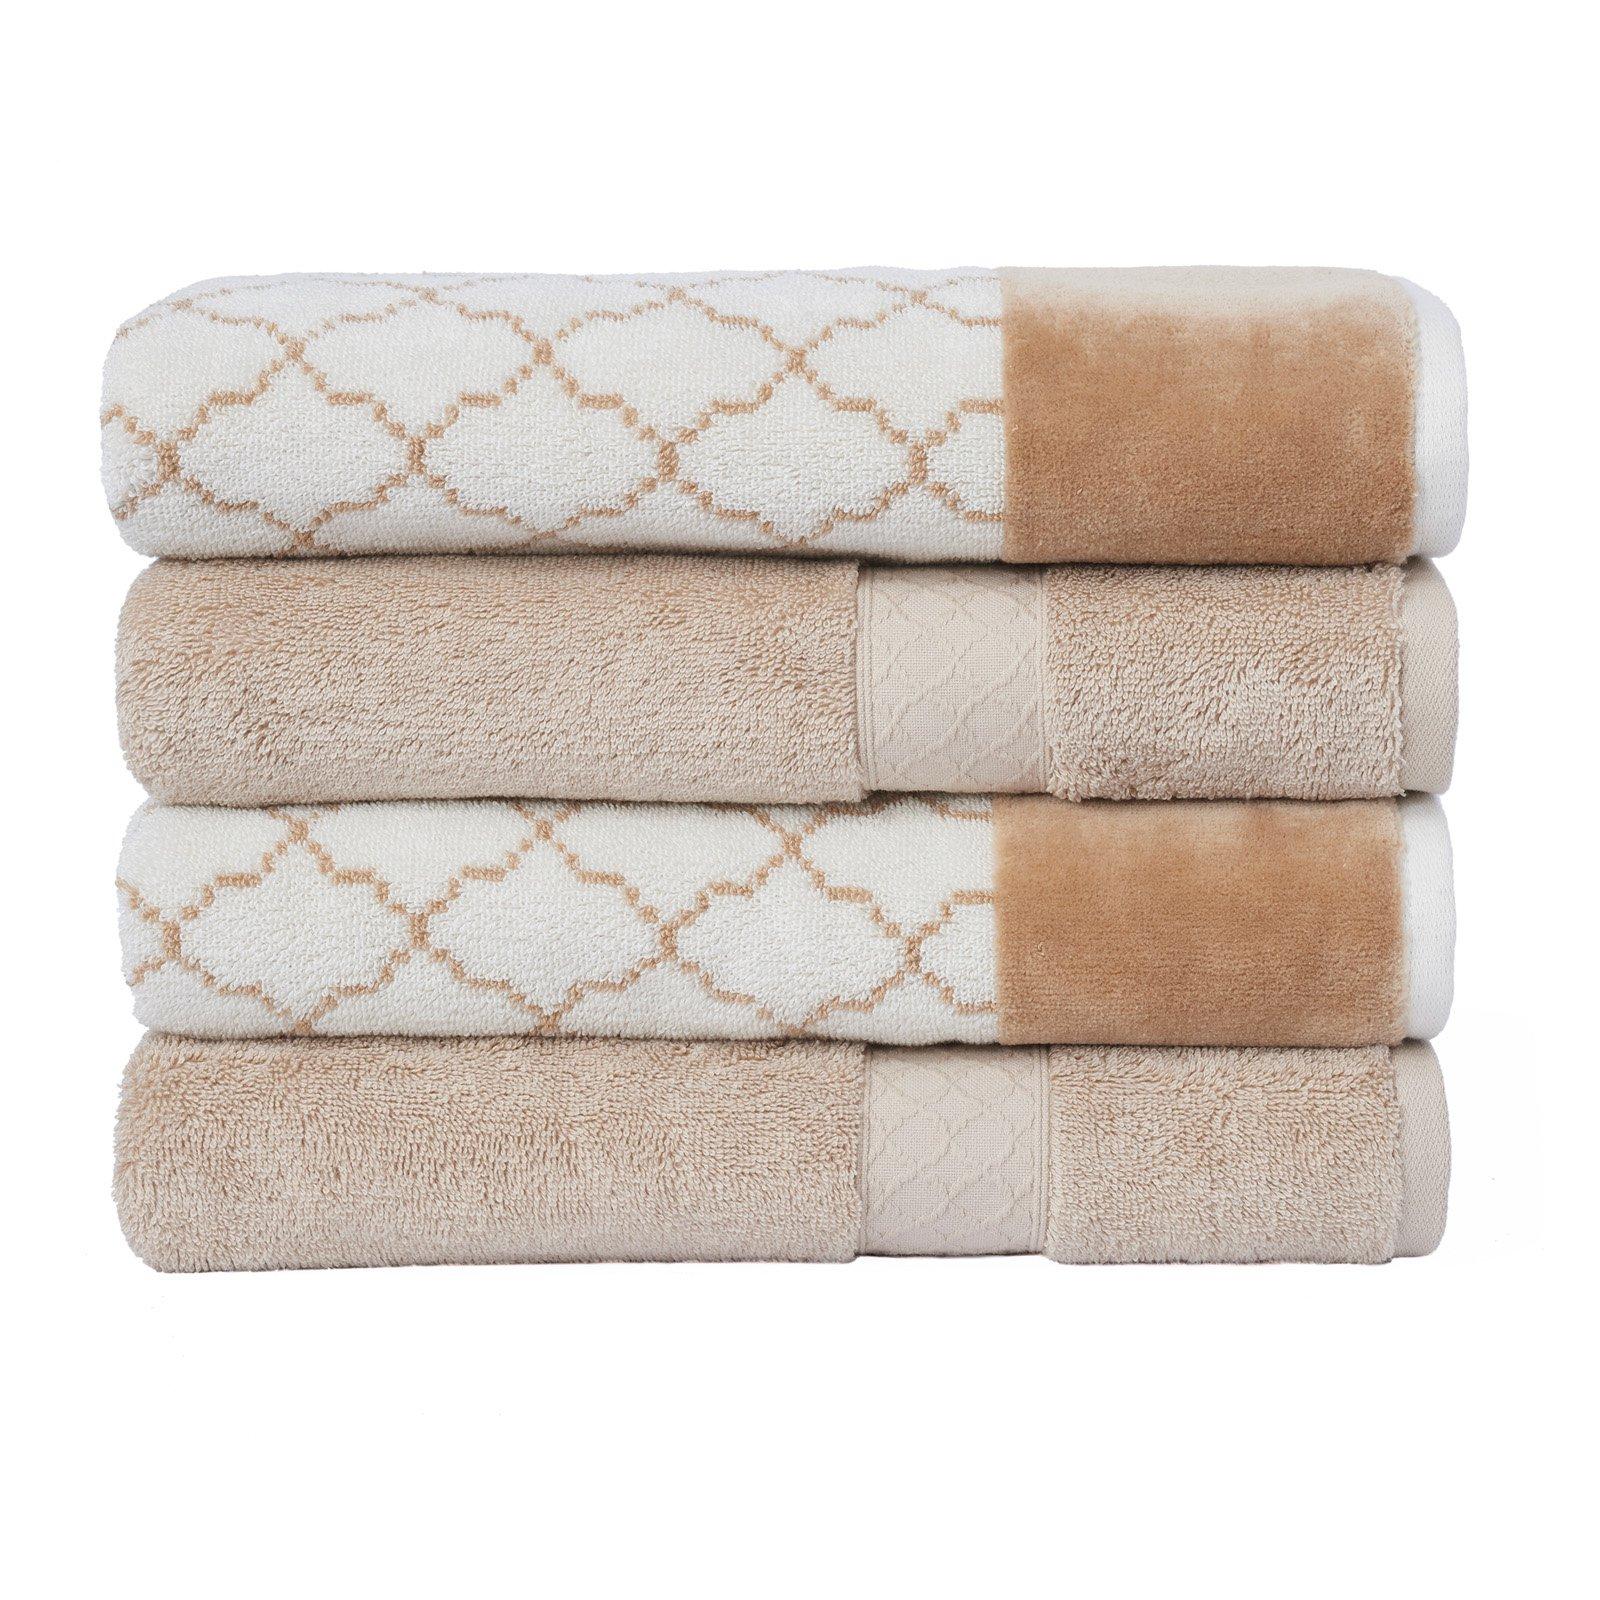 LOFT by Loftex Lattice Jacquard Cotton 4-Piece Bath Towel Set by